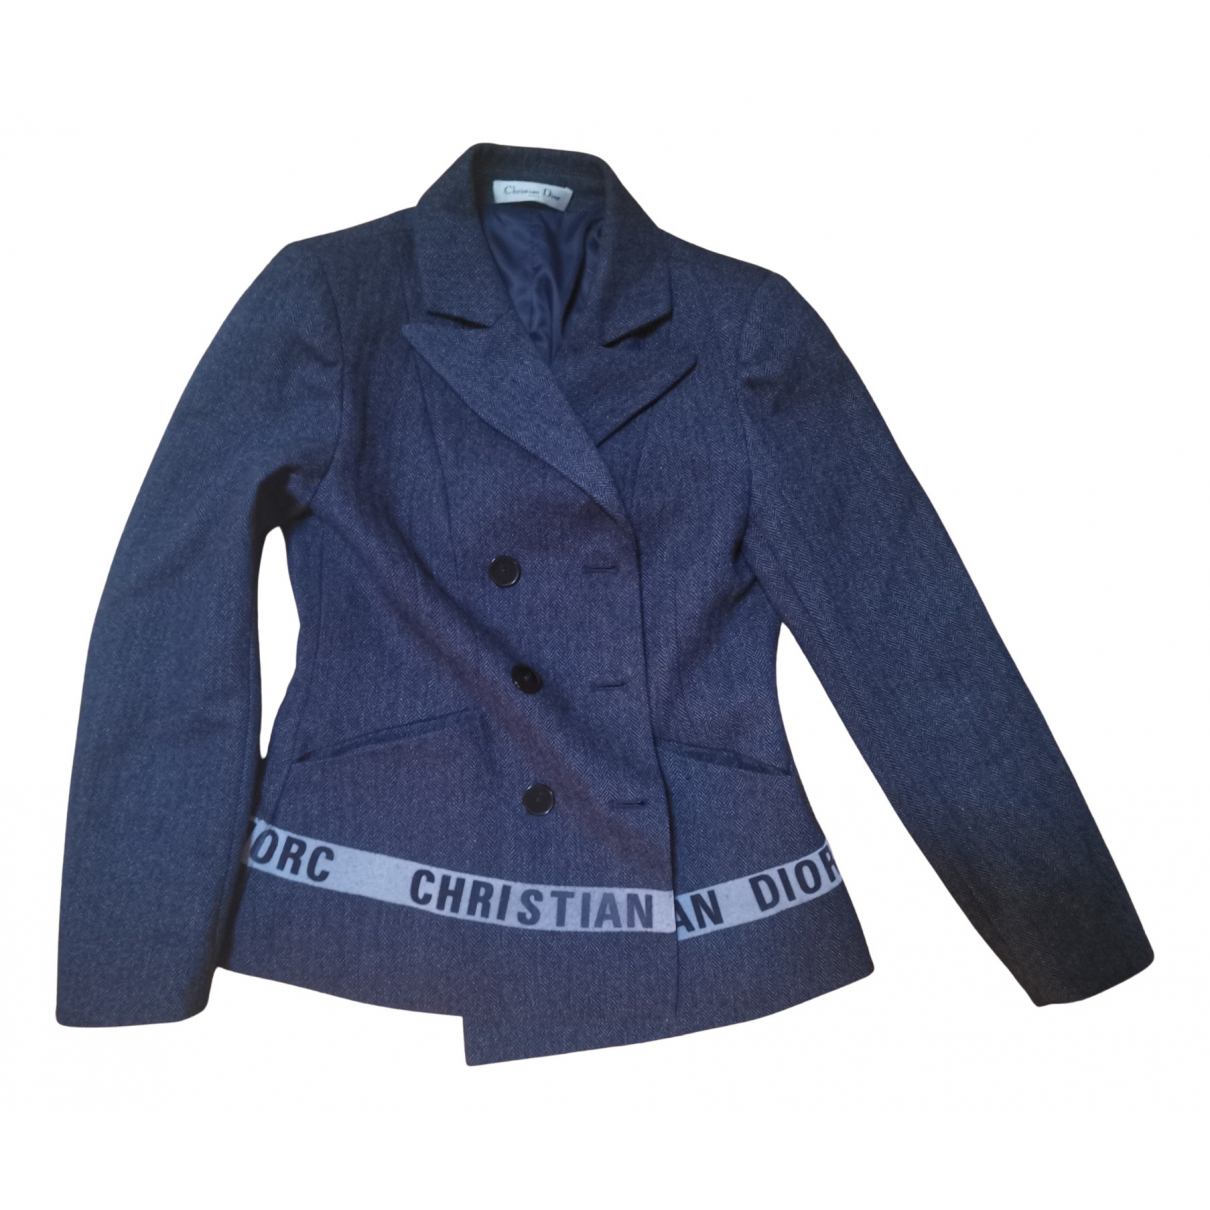 Christian Dior - Veste   pour femme en laine - multicolore